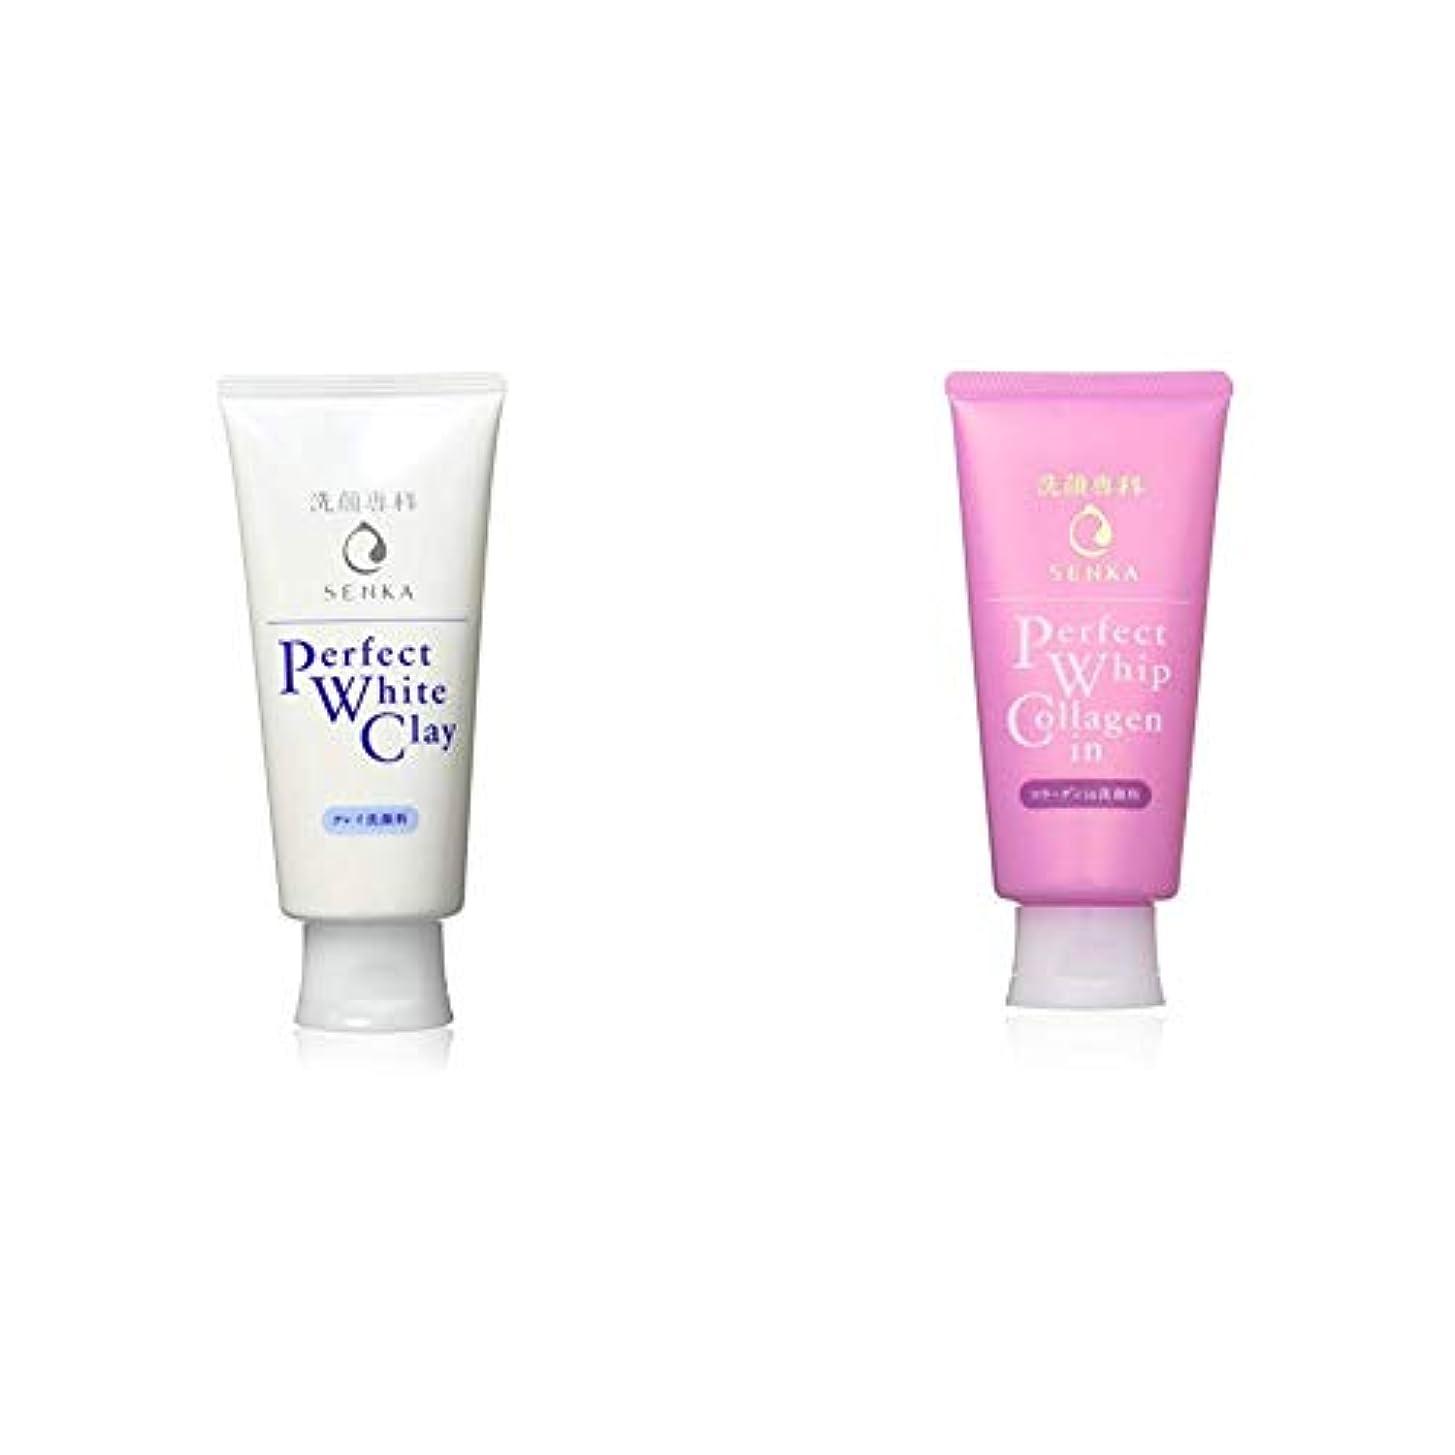 無法者土砂降りサミット洗顔専科 パーフェクトホワイトクレイ 洗顔料 120g & パーフェクトホイップ コラーゲンin 洗顔フォーム 120g